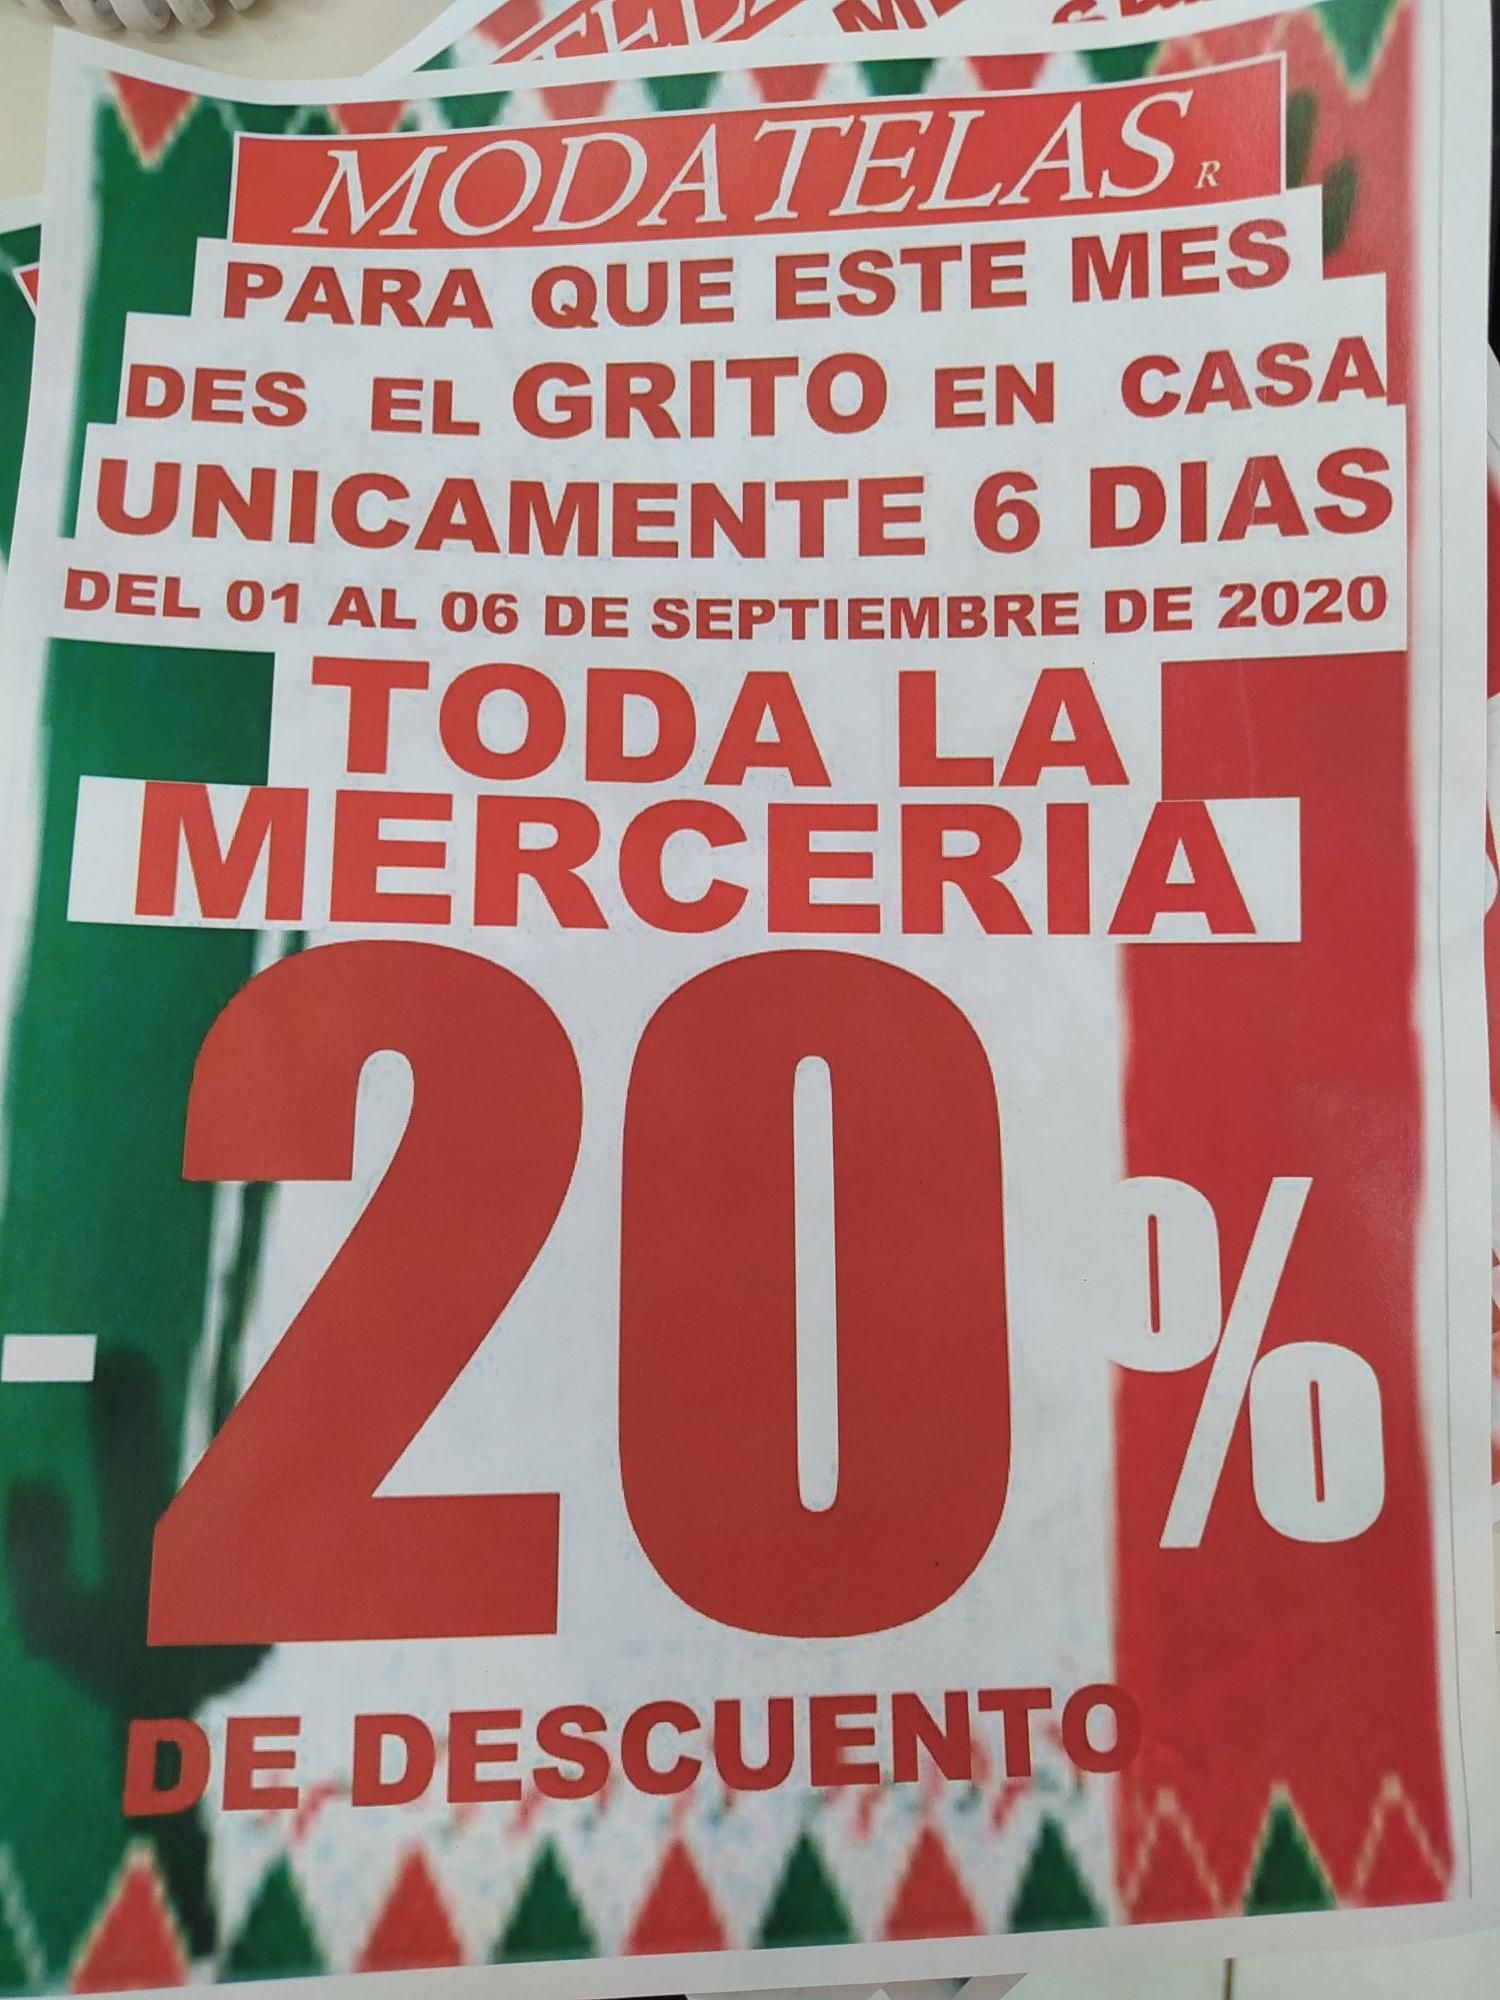 MODATELAS: -20% de descuento en toda la mercería